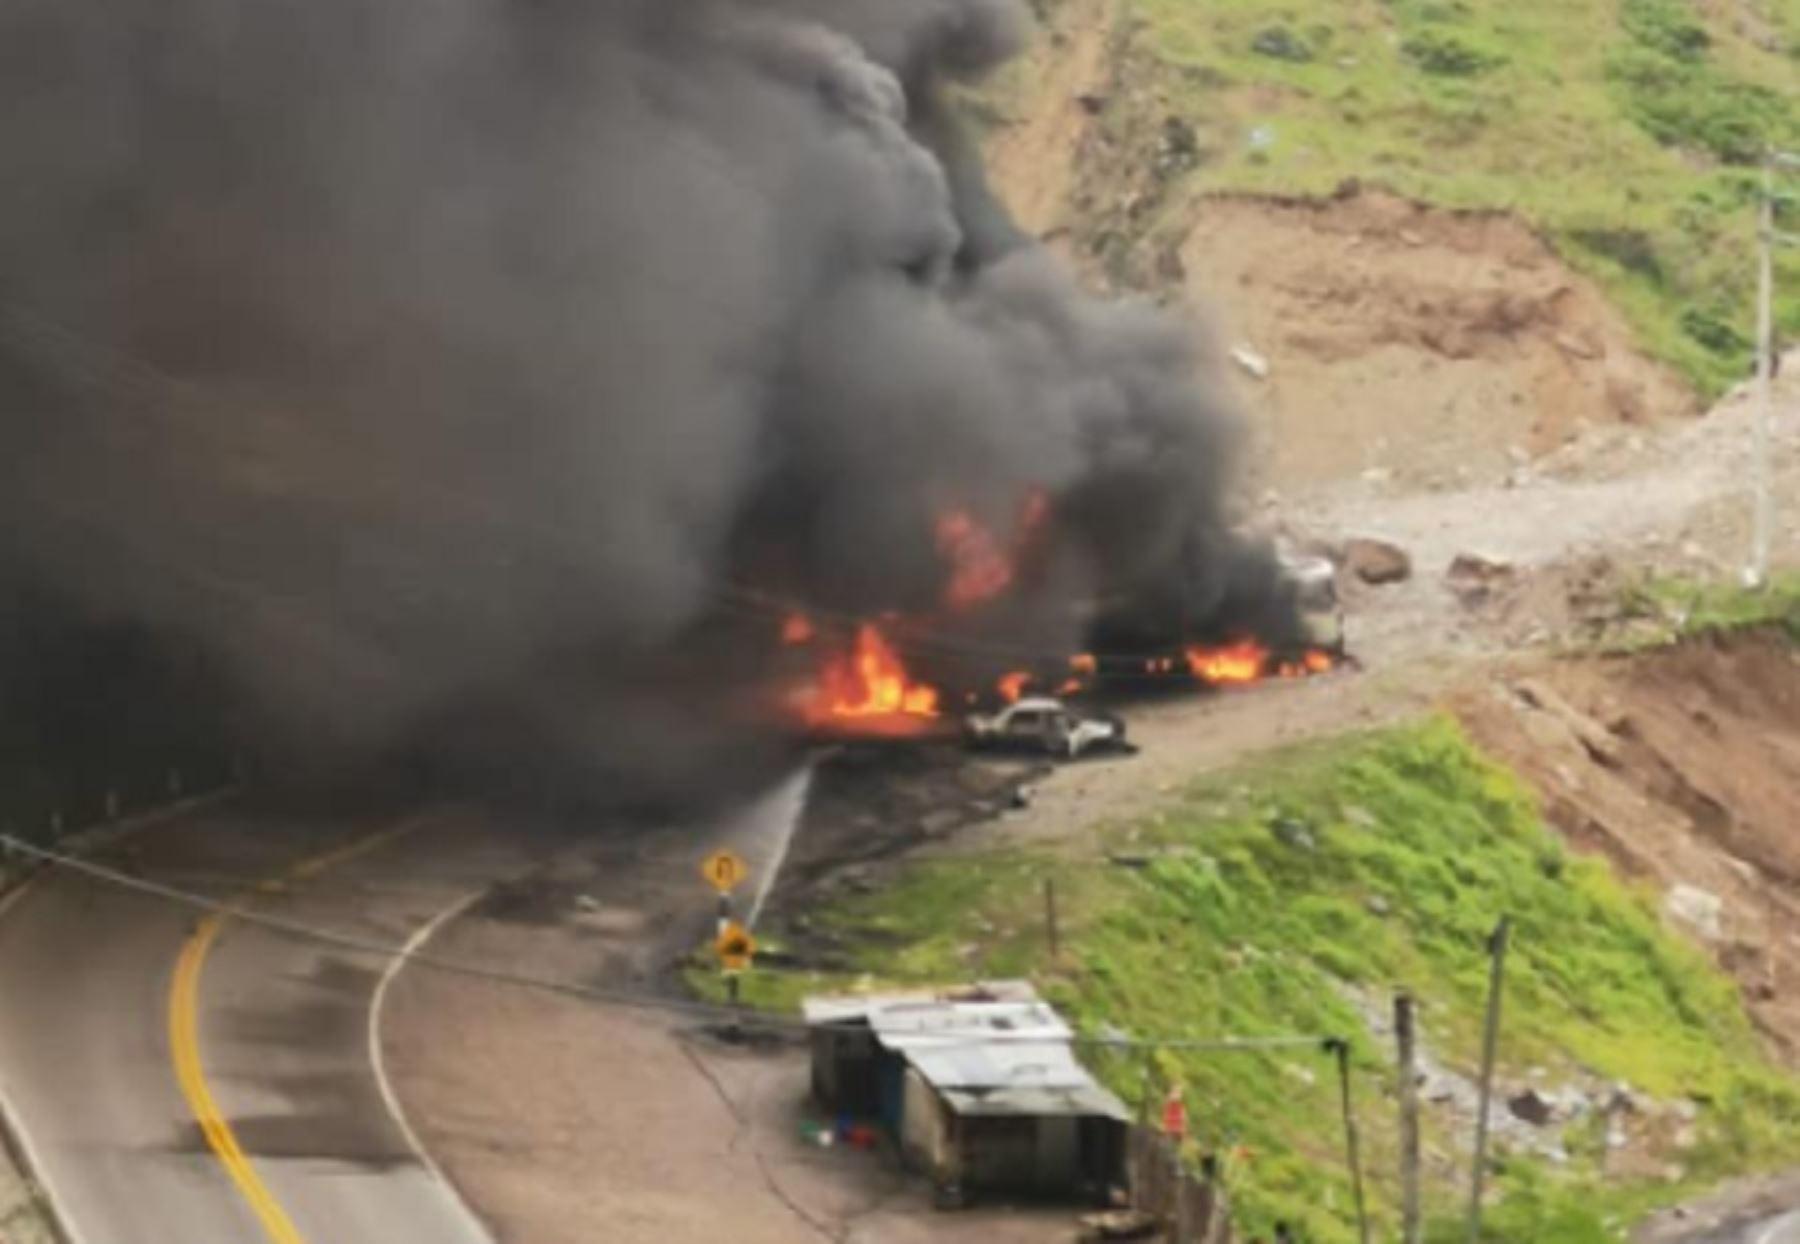 Un incendio de grandes proporciones protagonizado por un convoy de camiones cisterna de combustible obligó al cierre de la carretera Central, a la altura del kilómetro 84+900, cerca de la localidad de Ocatara, perteneciente al distrito de San Mateo, en la provincia de Huarochirí. Foto: Red de Salud de Huarochirí.